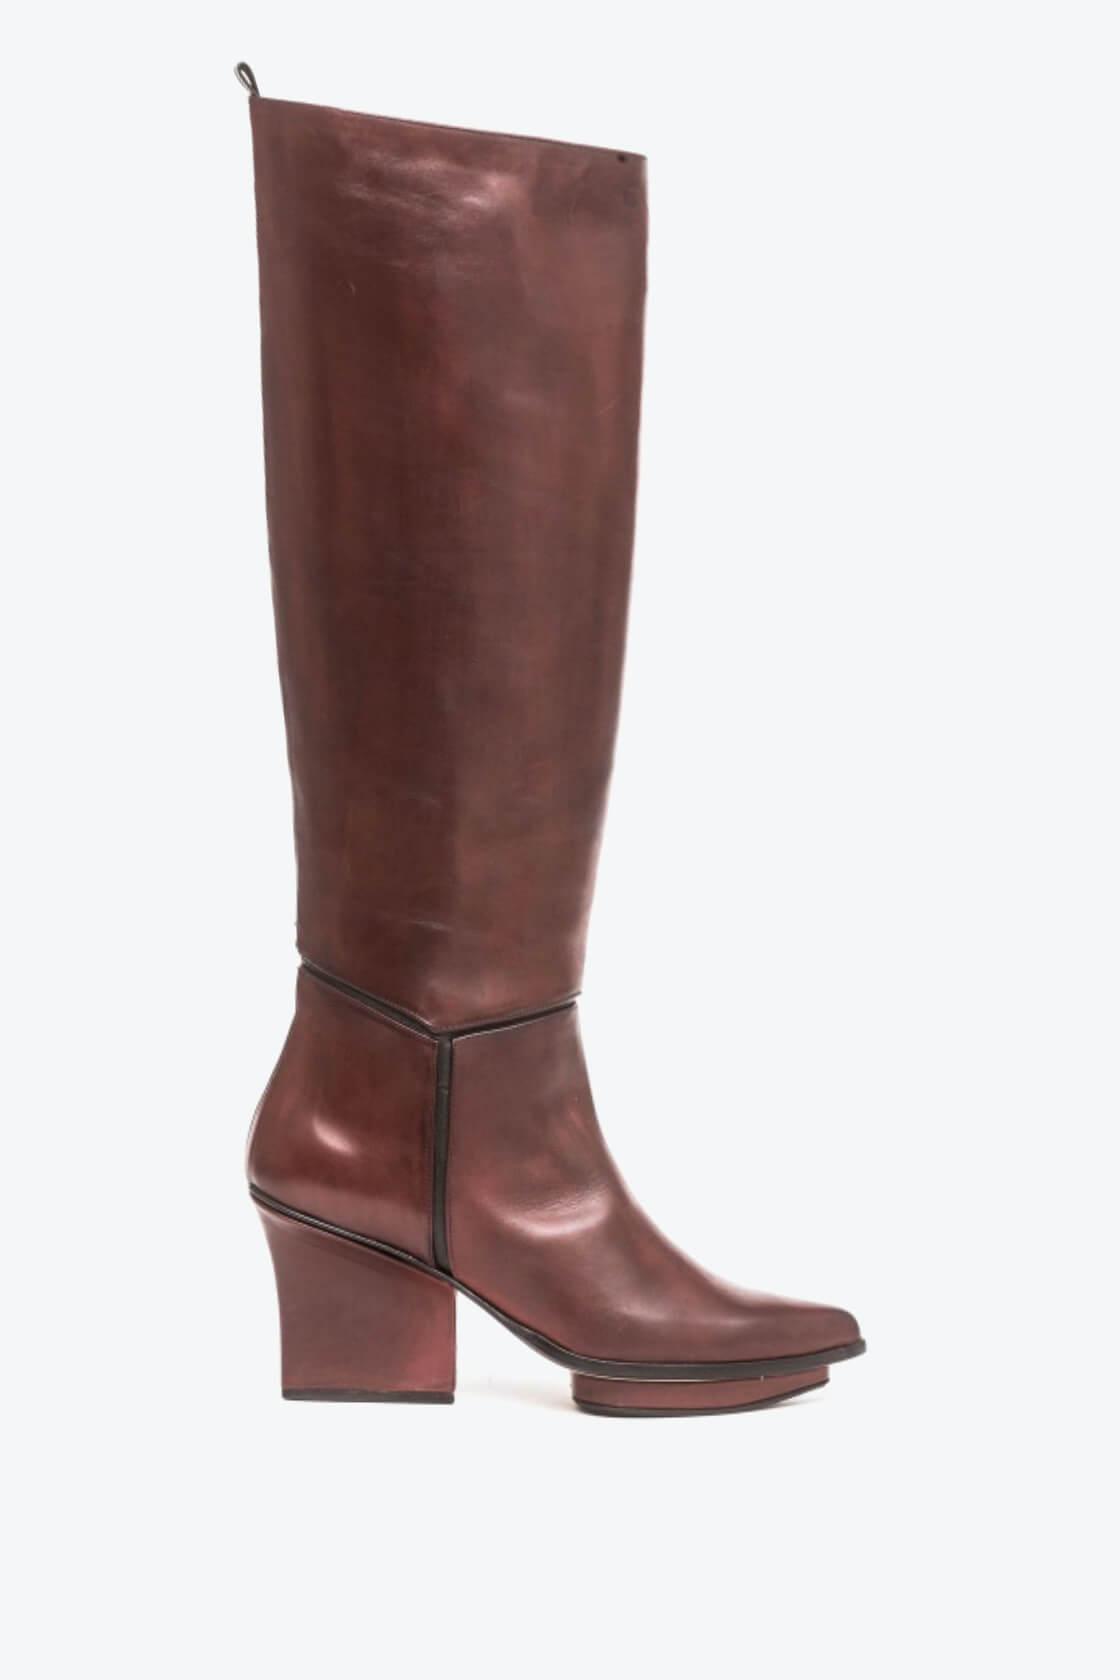 EJK0000056 Mira knee high boots